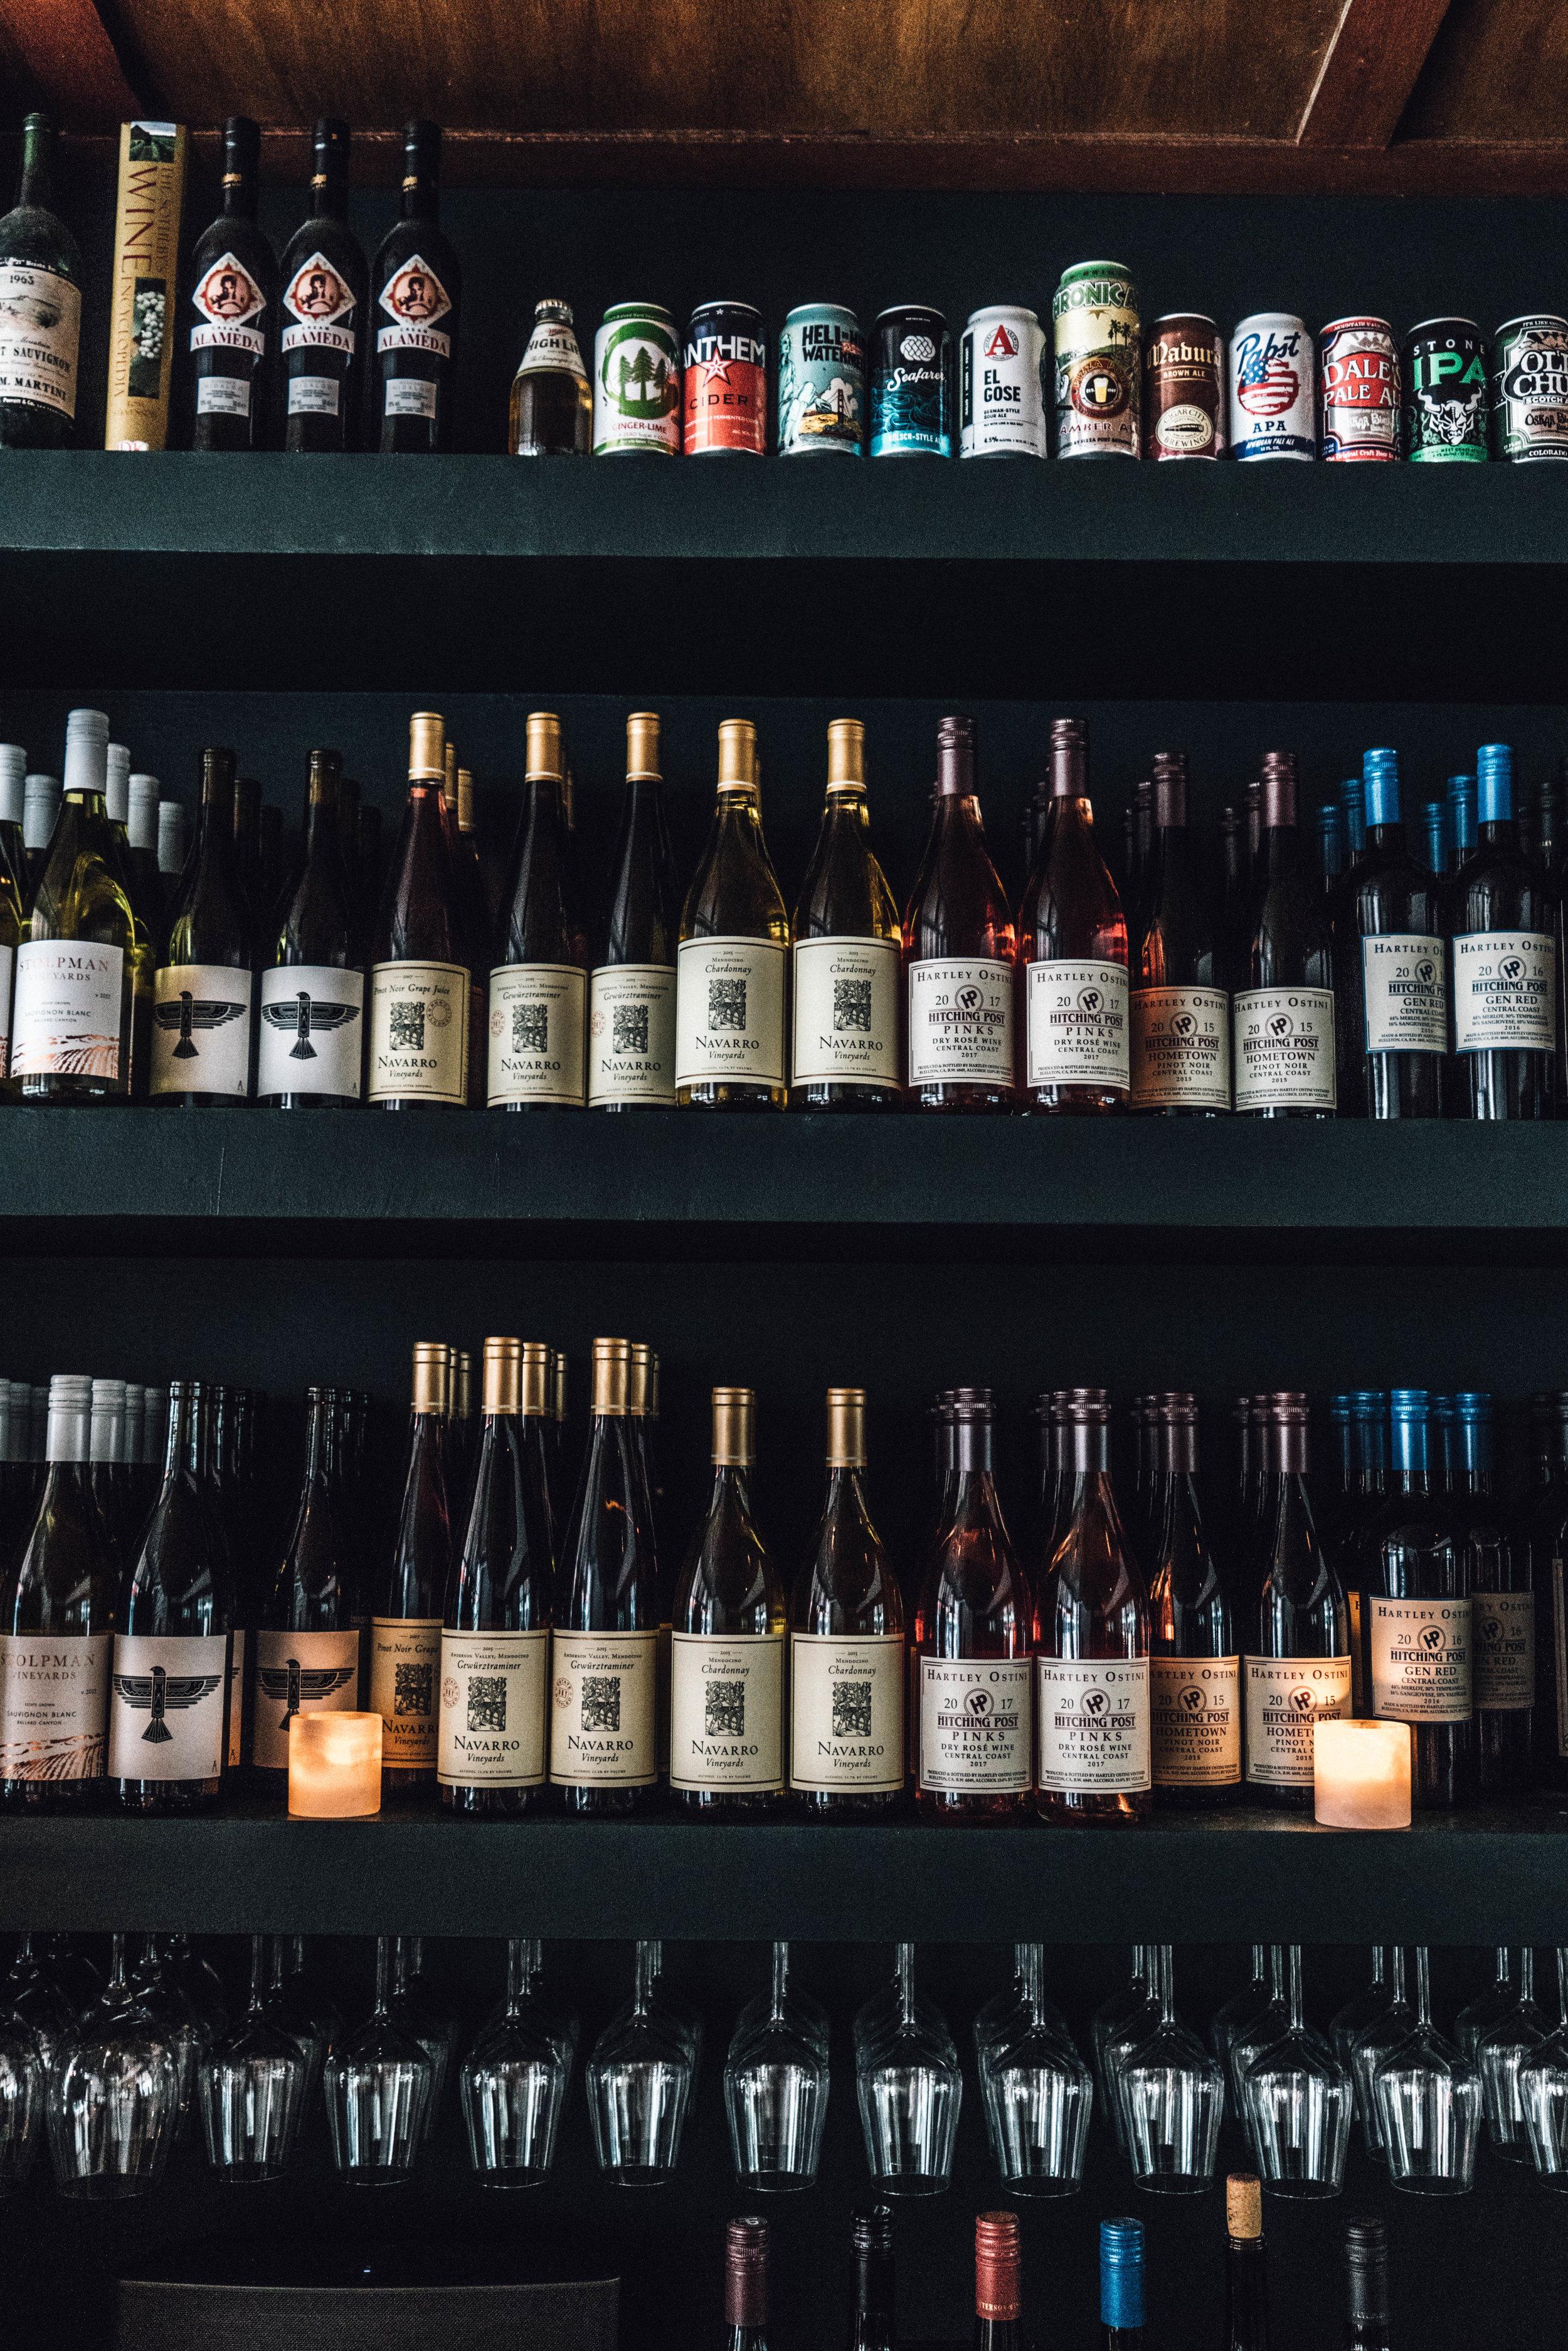 LADTR_LA-Wine-7.jpg